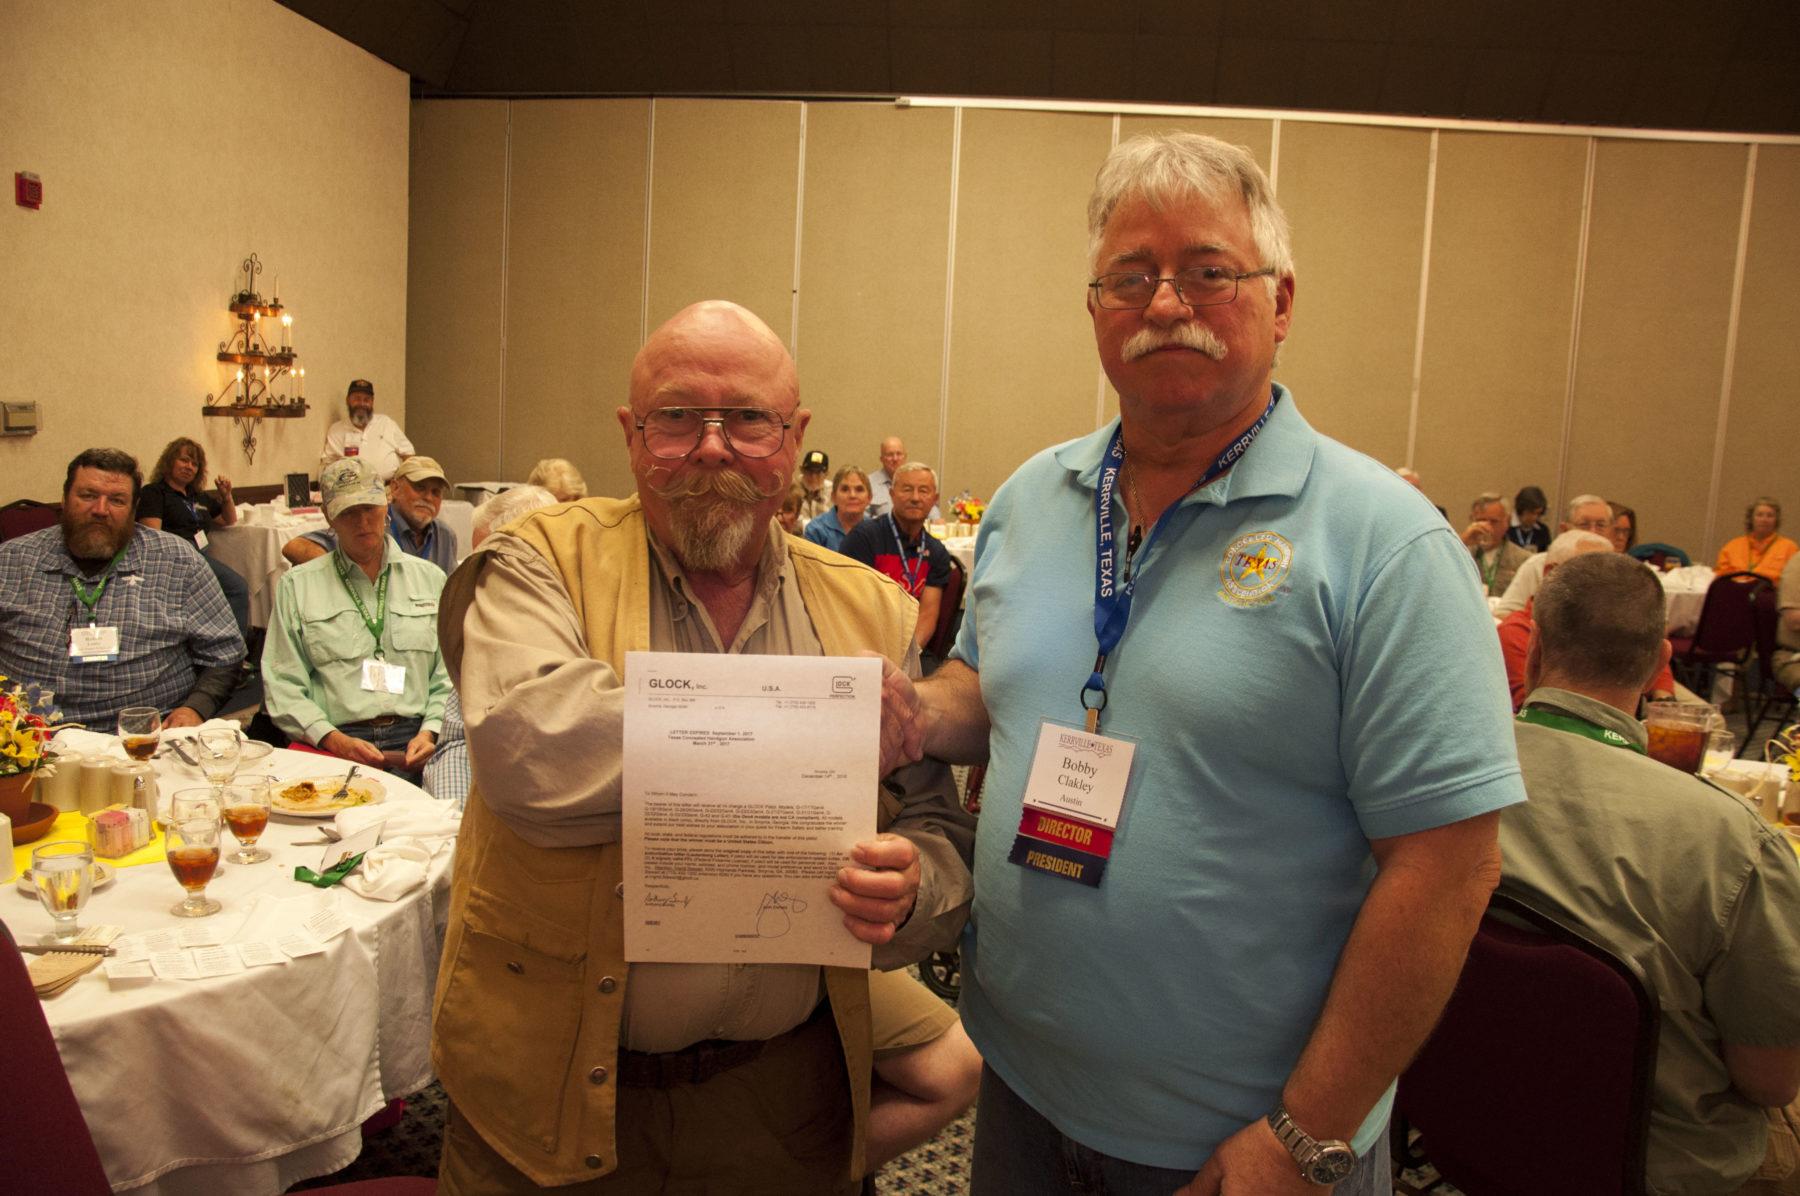 Glock Certificate Winner